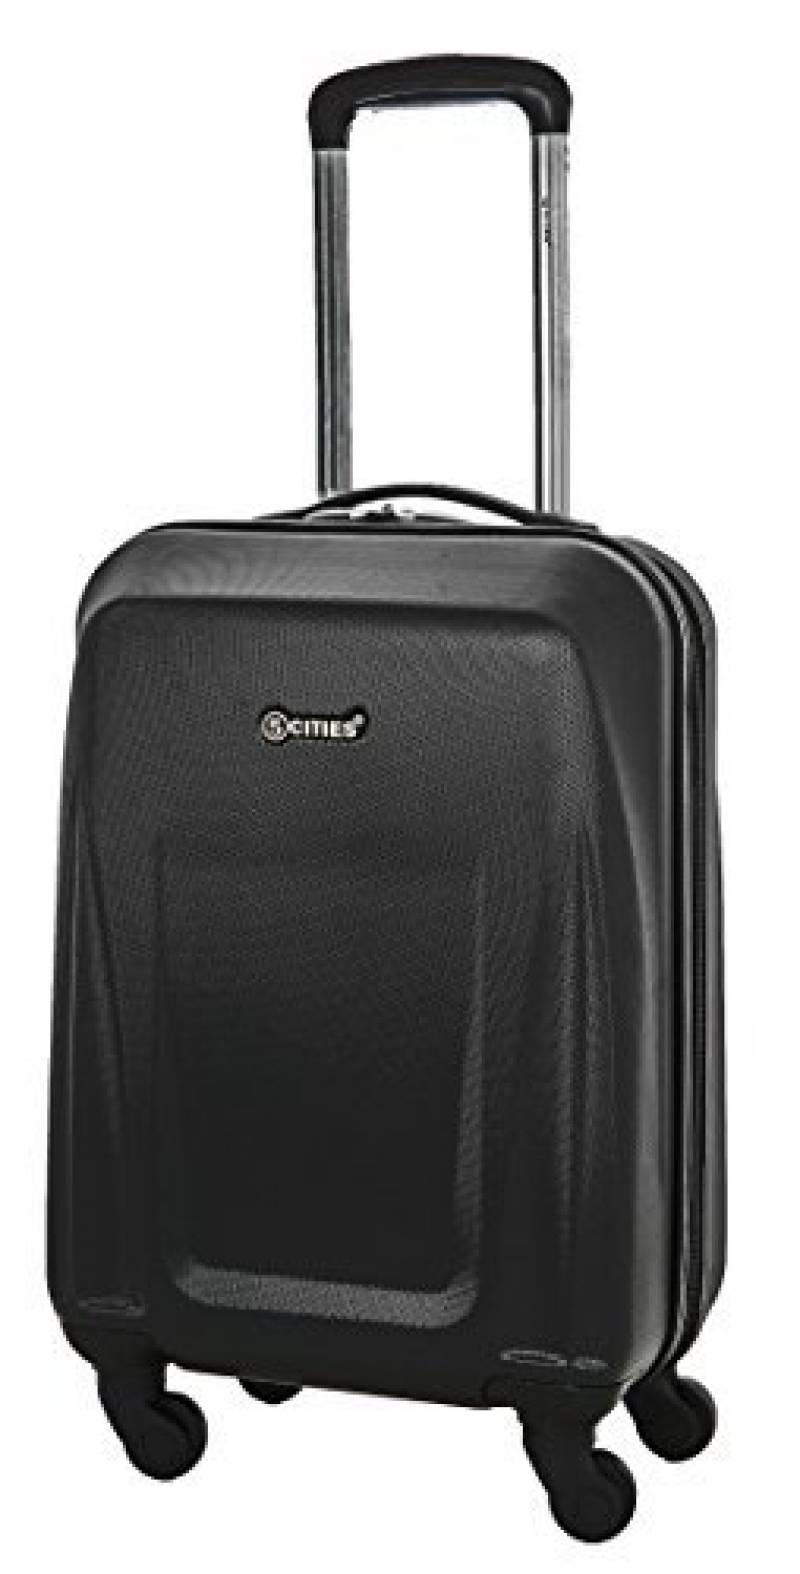 SUITLINE - Bagage à main, Valise cabine, Trolley, 4 roues, ABS très léger, TSA, 55 cm, 34 litres, Pink